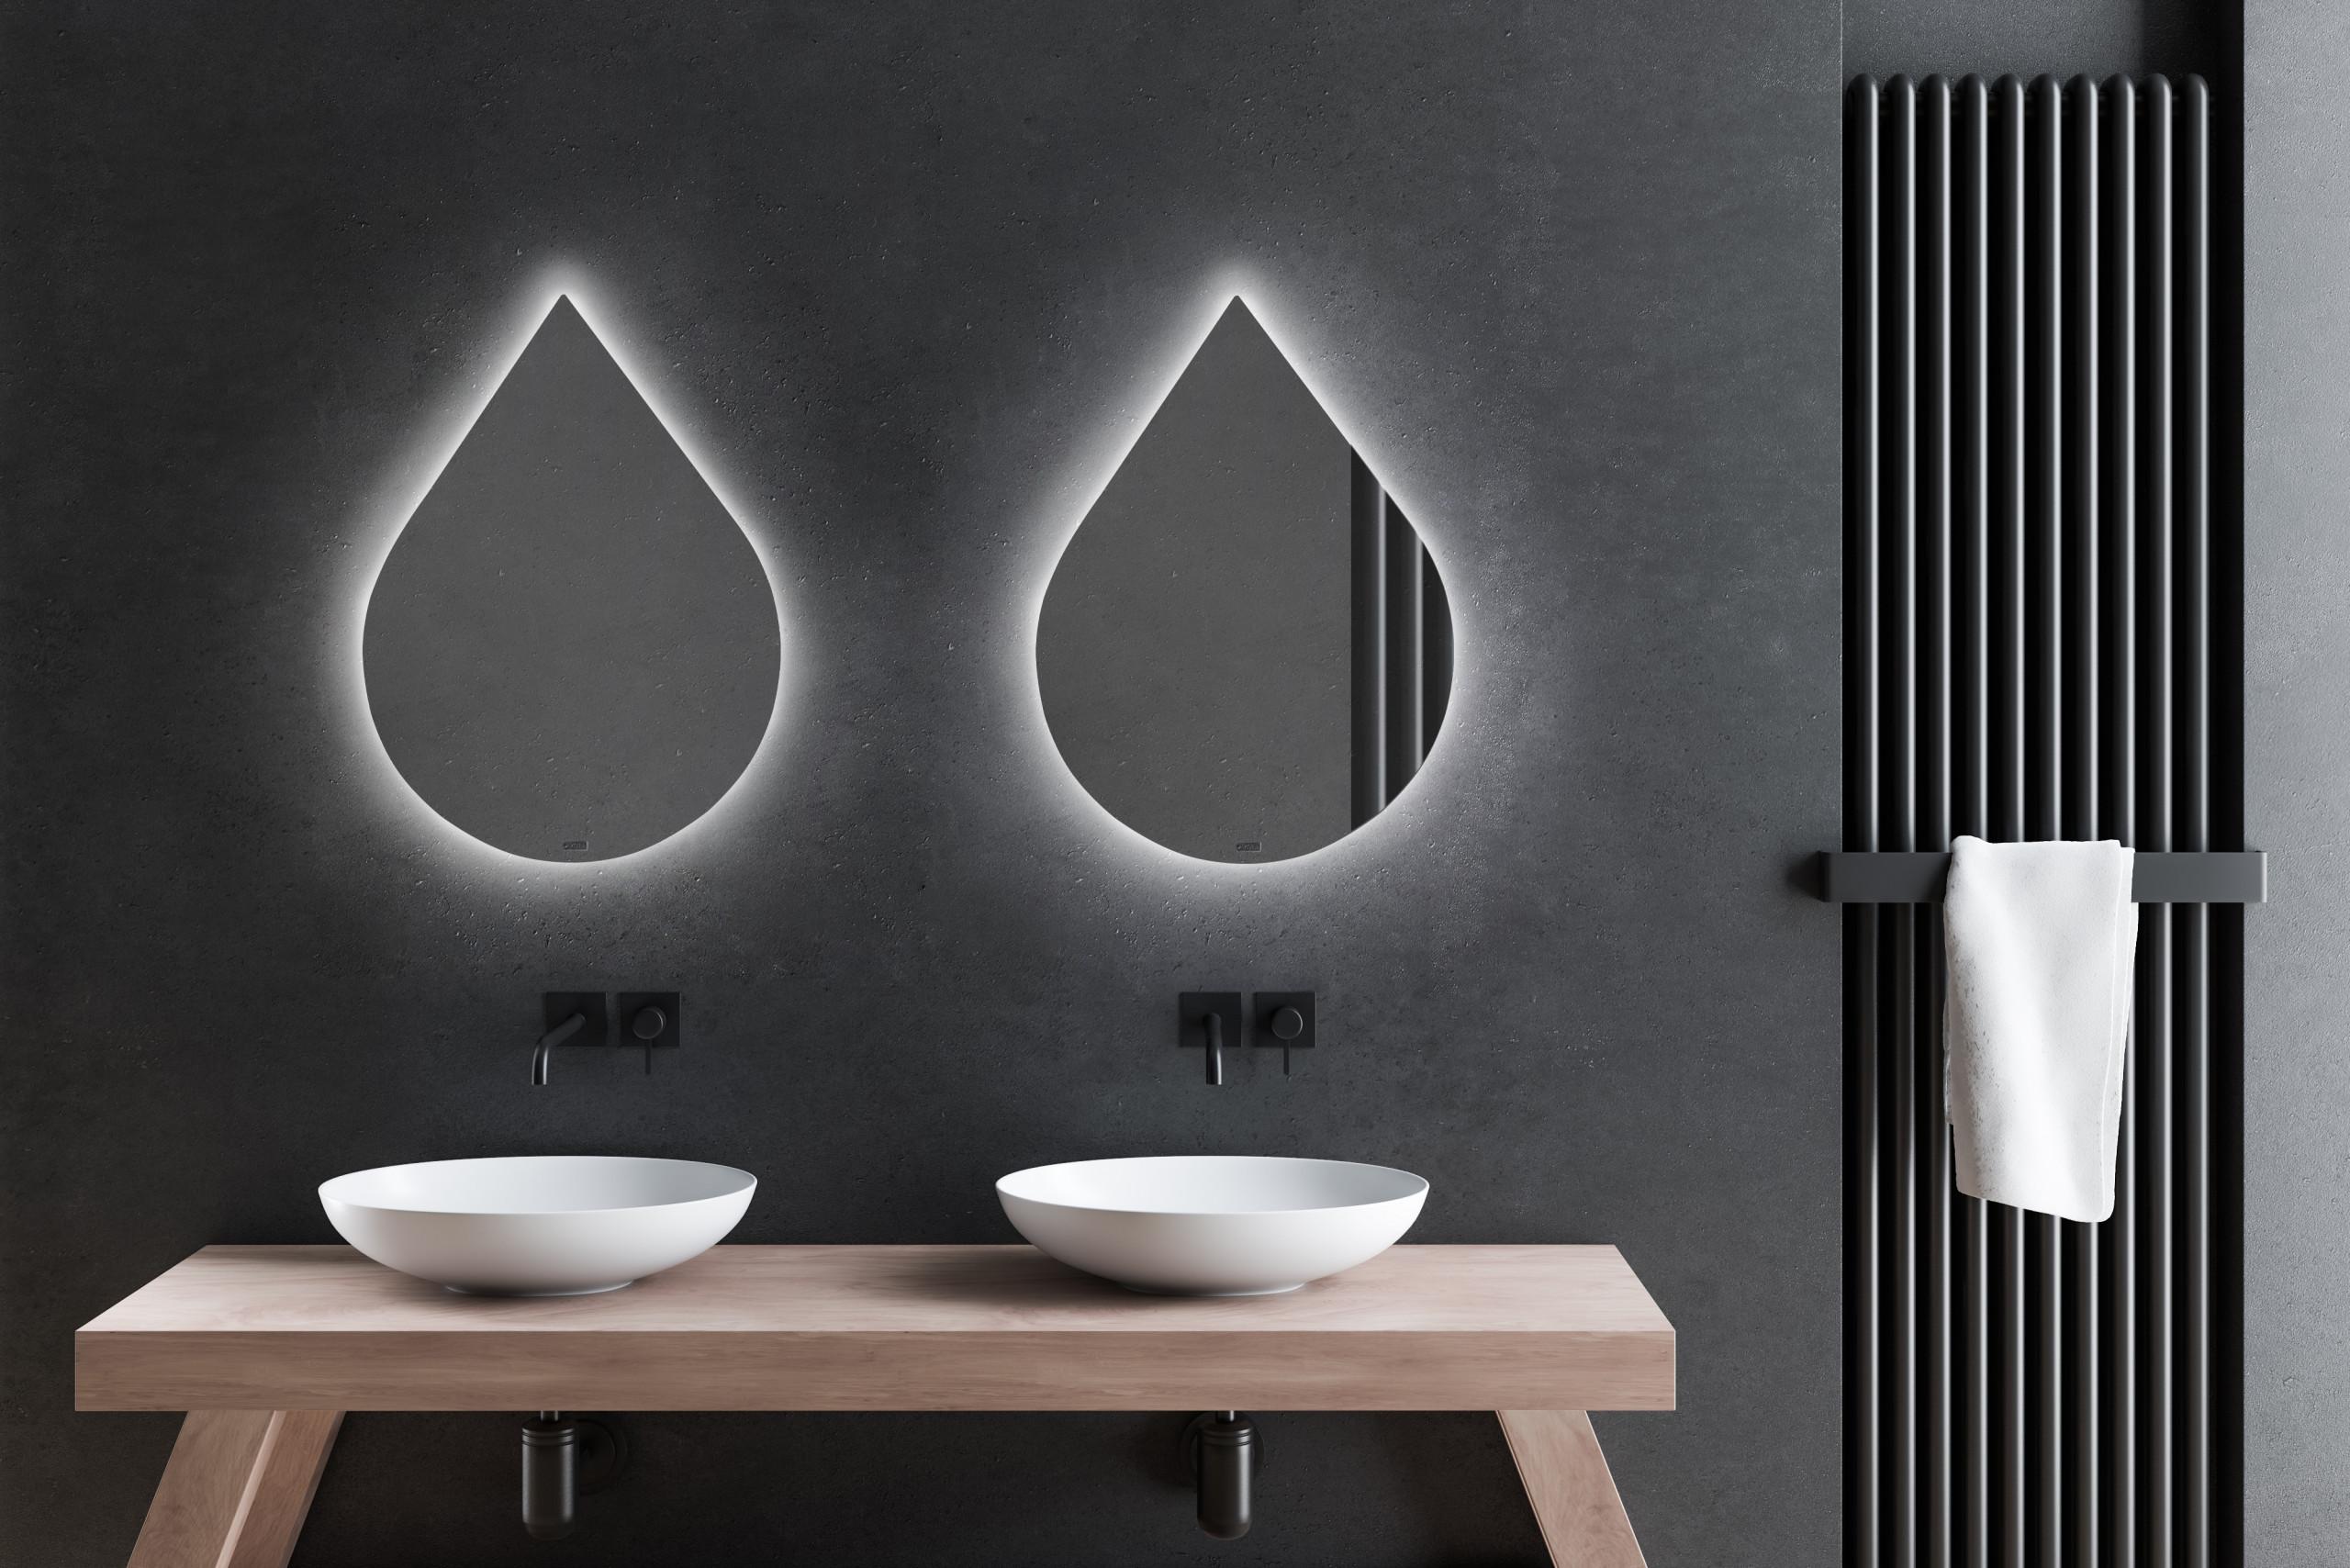 espelho-led-embutido-banheiro